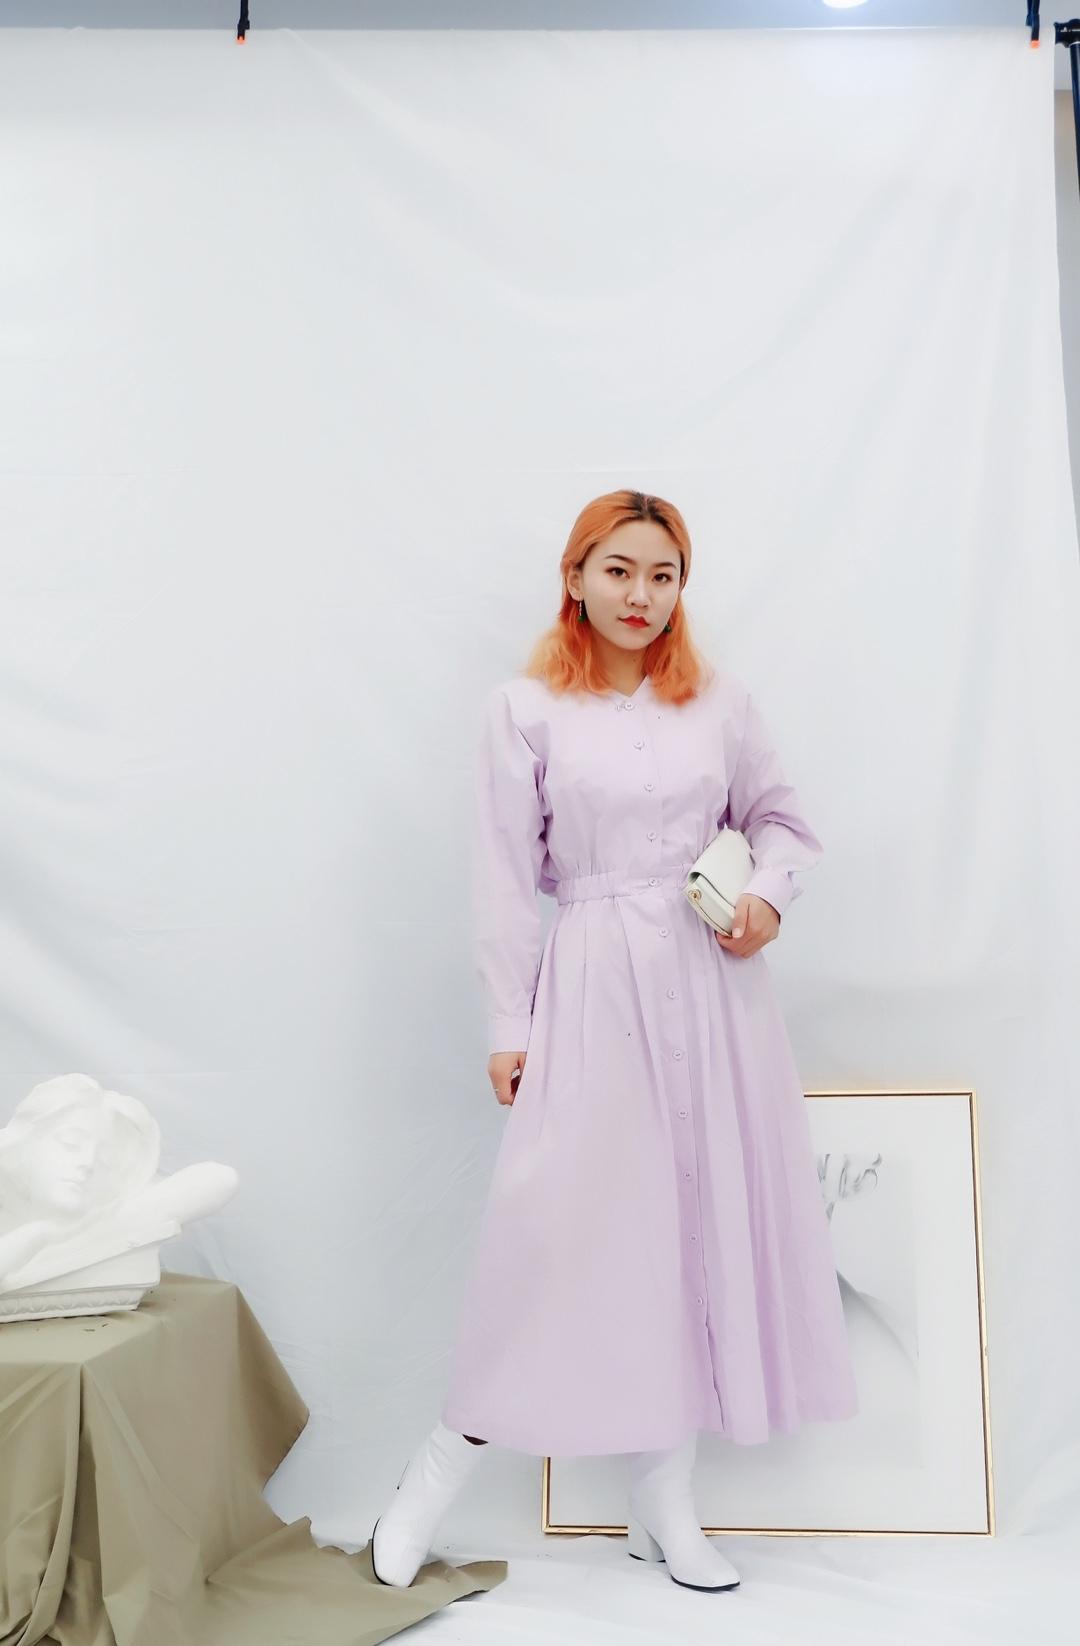 香芋紫色的连衣裙 整个人都变的好温柔哦~ 春天的味道就是浪漫的紫色调 #2020连衣裙穿搭图鉴#